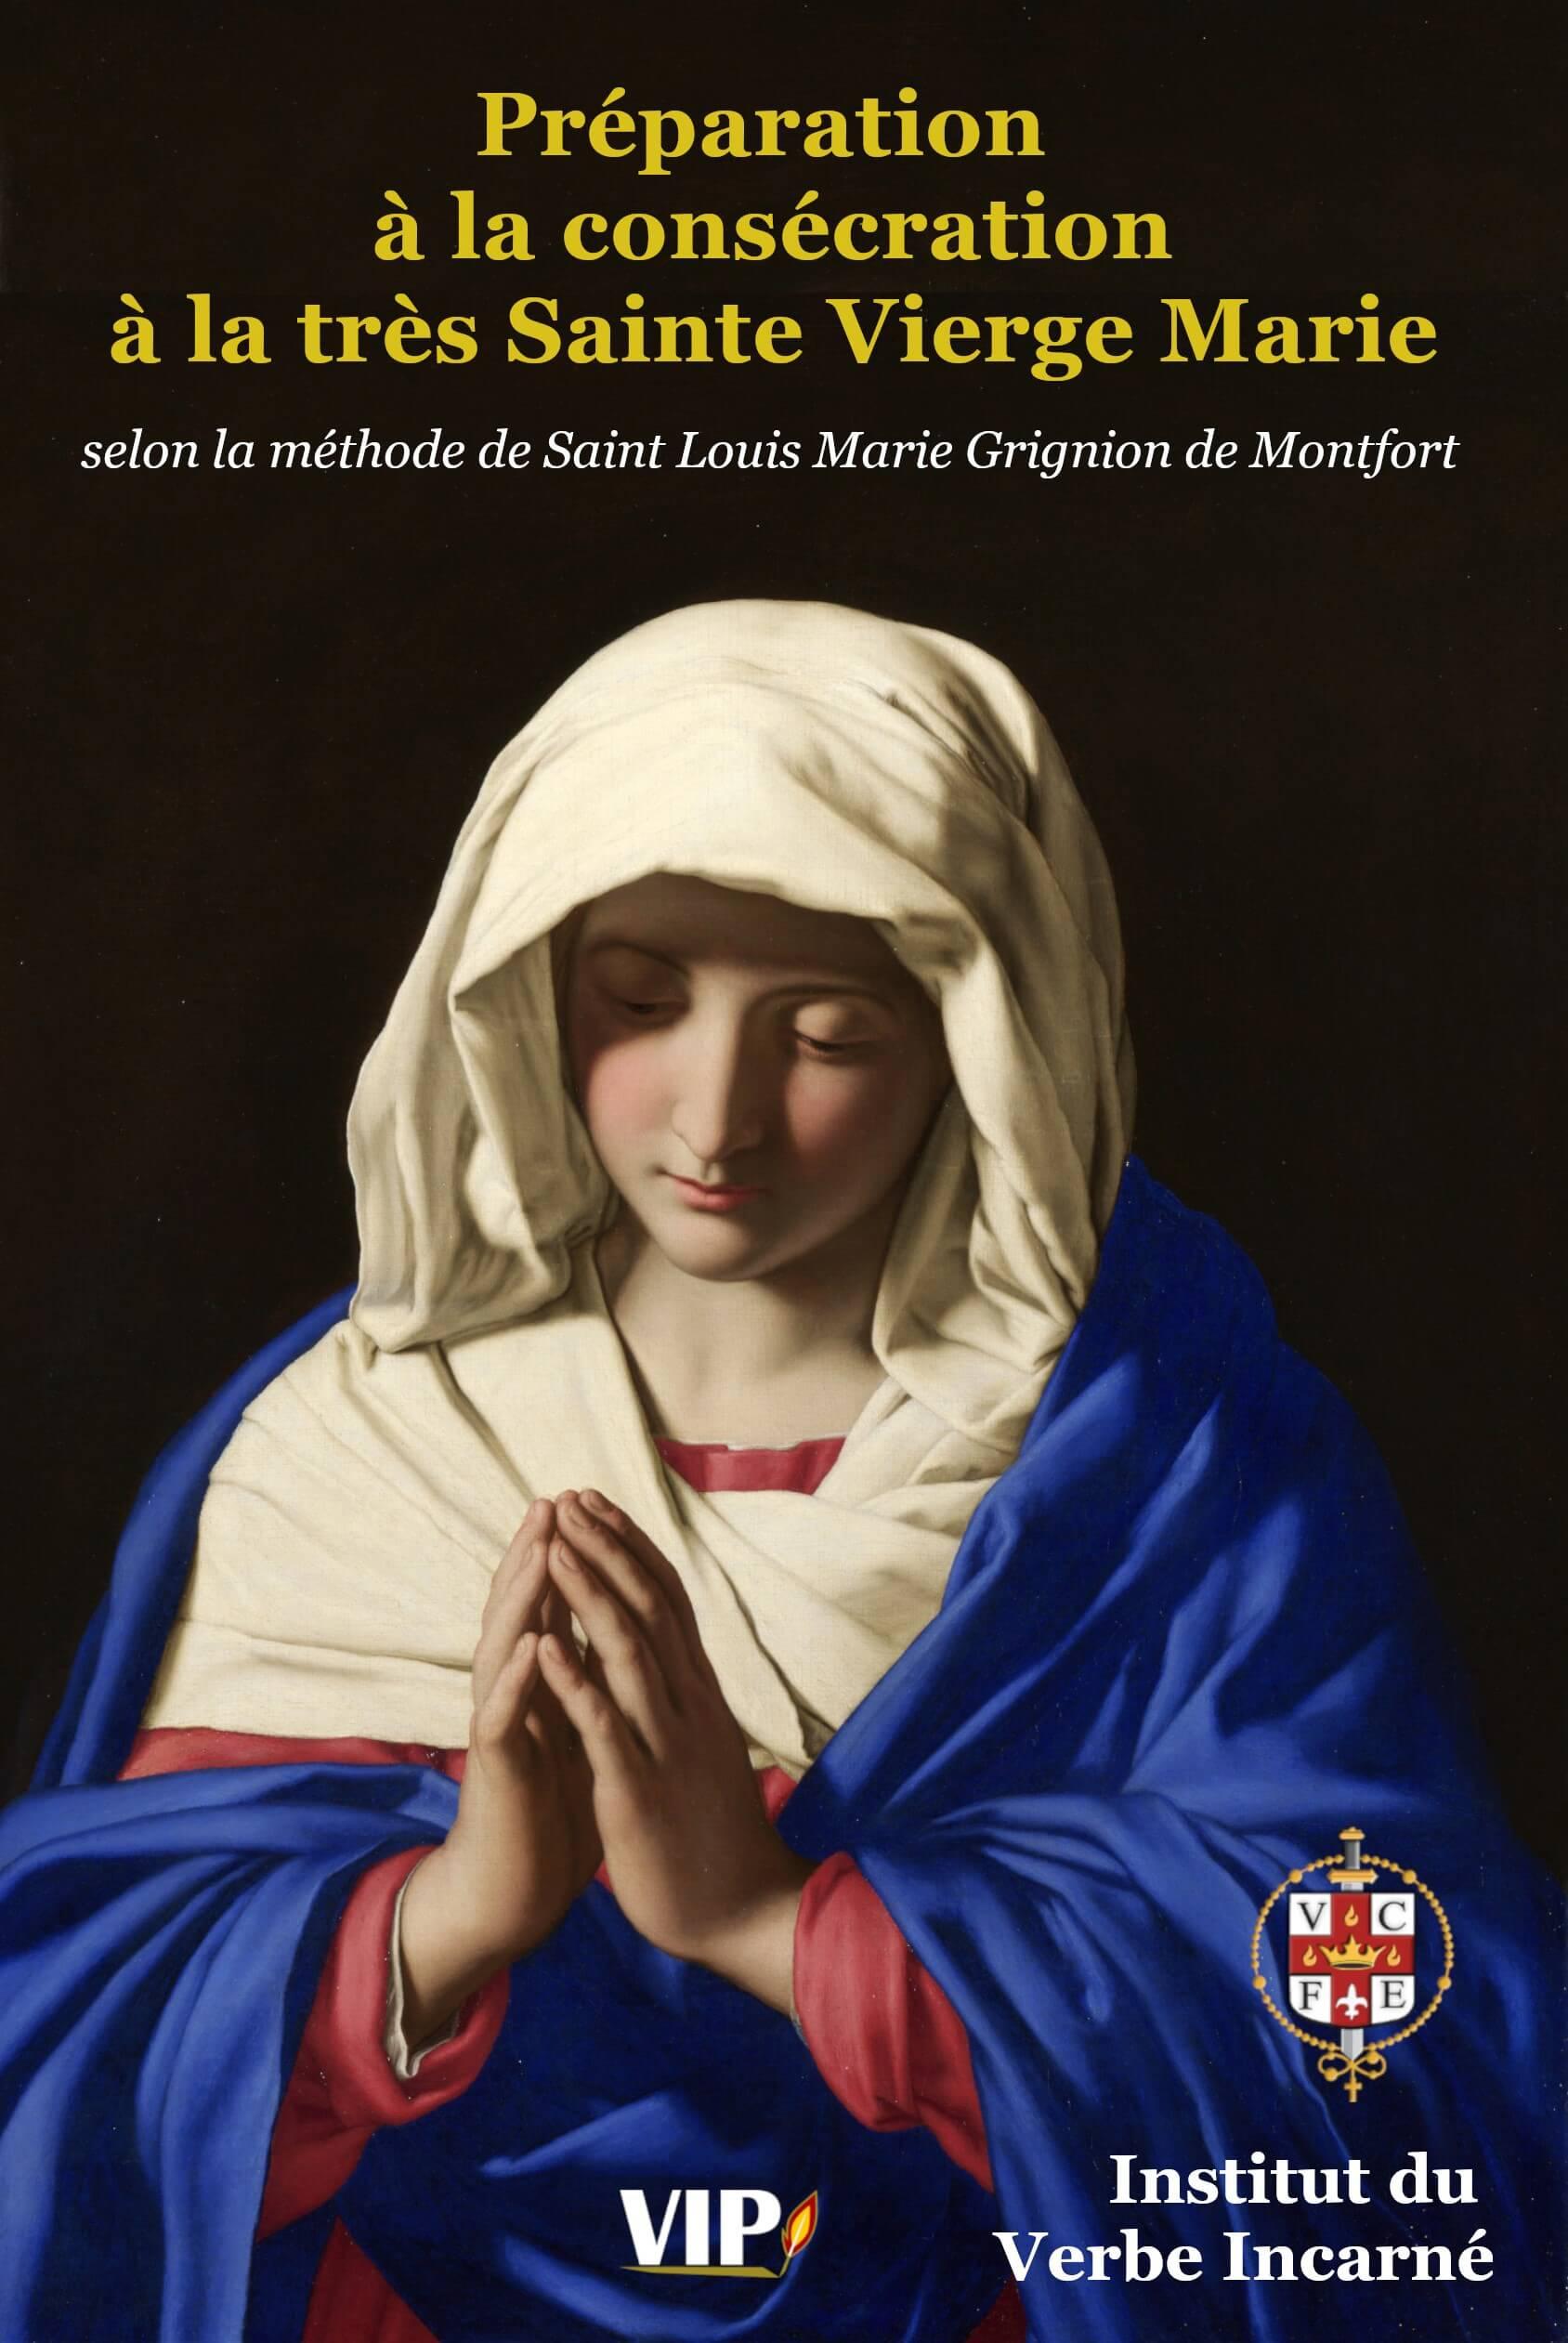 Préparation à la consécration à la très Sainte Vierge Marie selon la méthode de Saint Louis Marie Grignion de Montfort